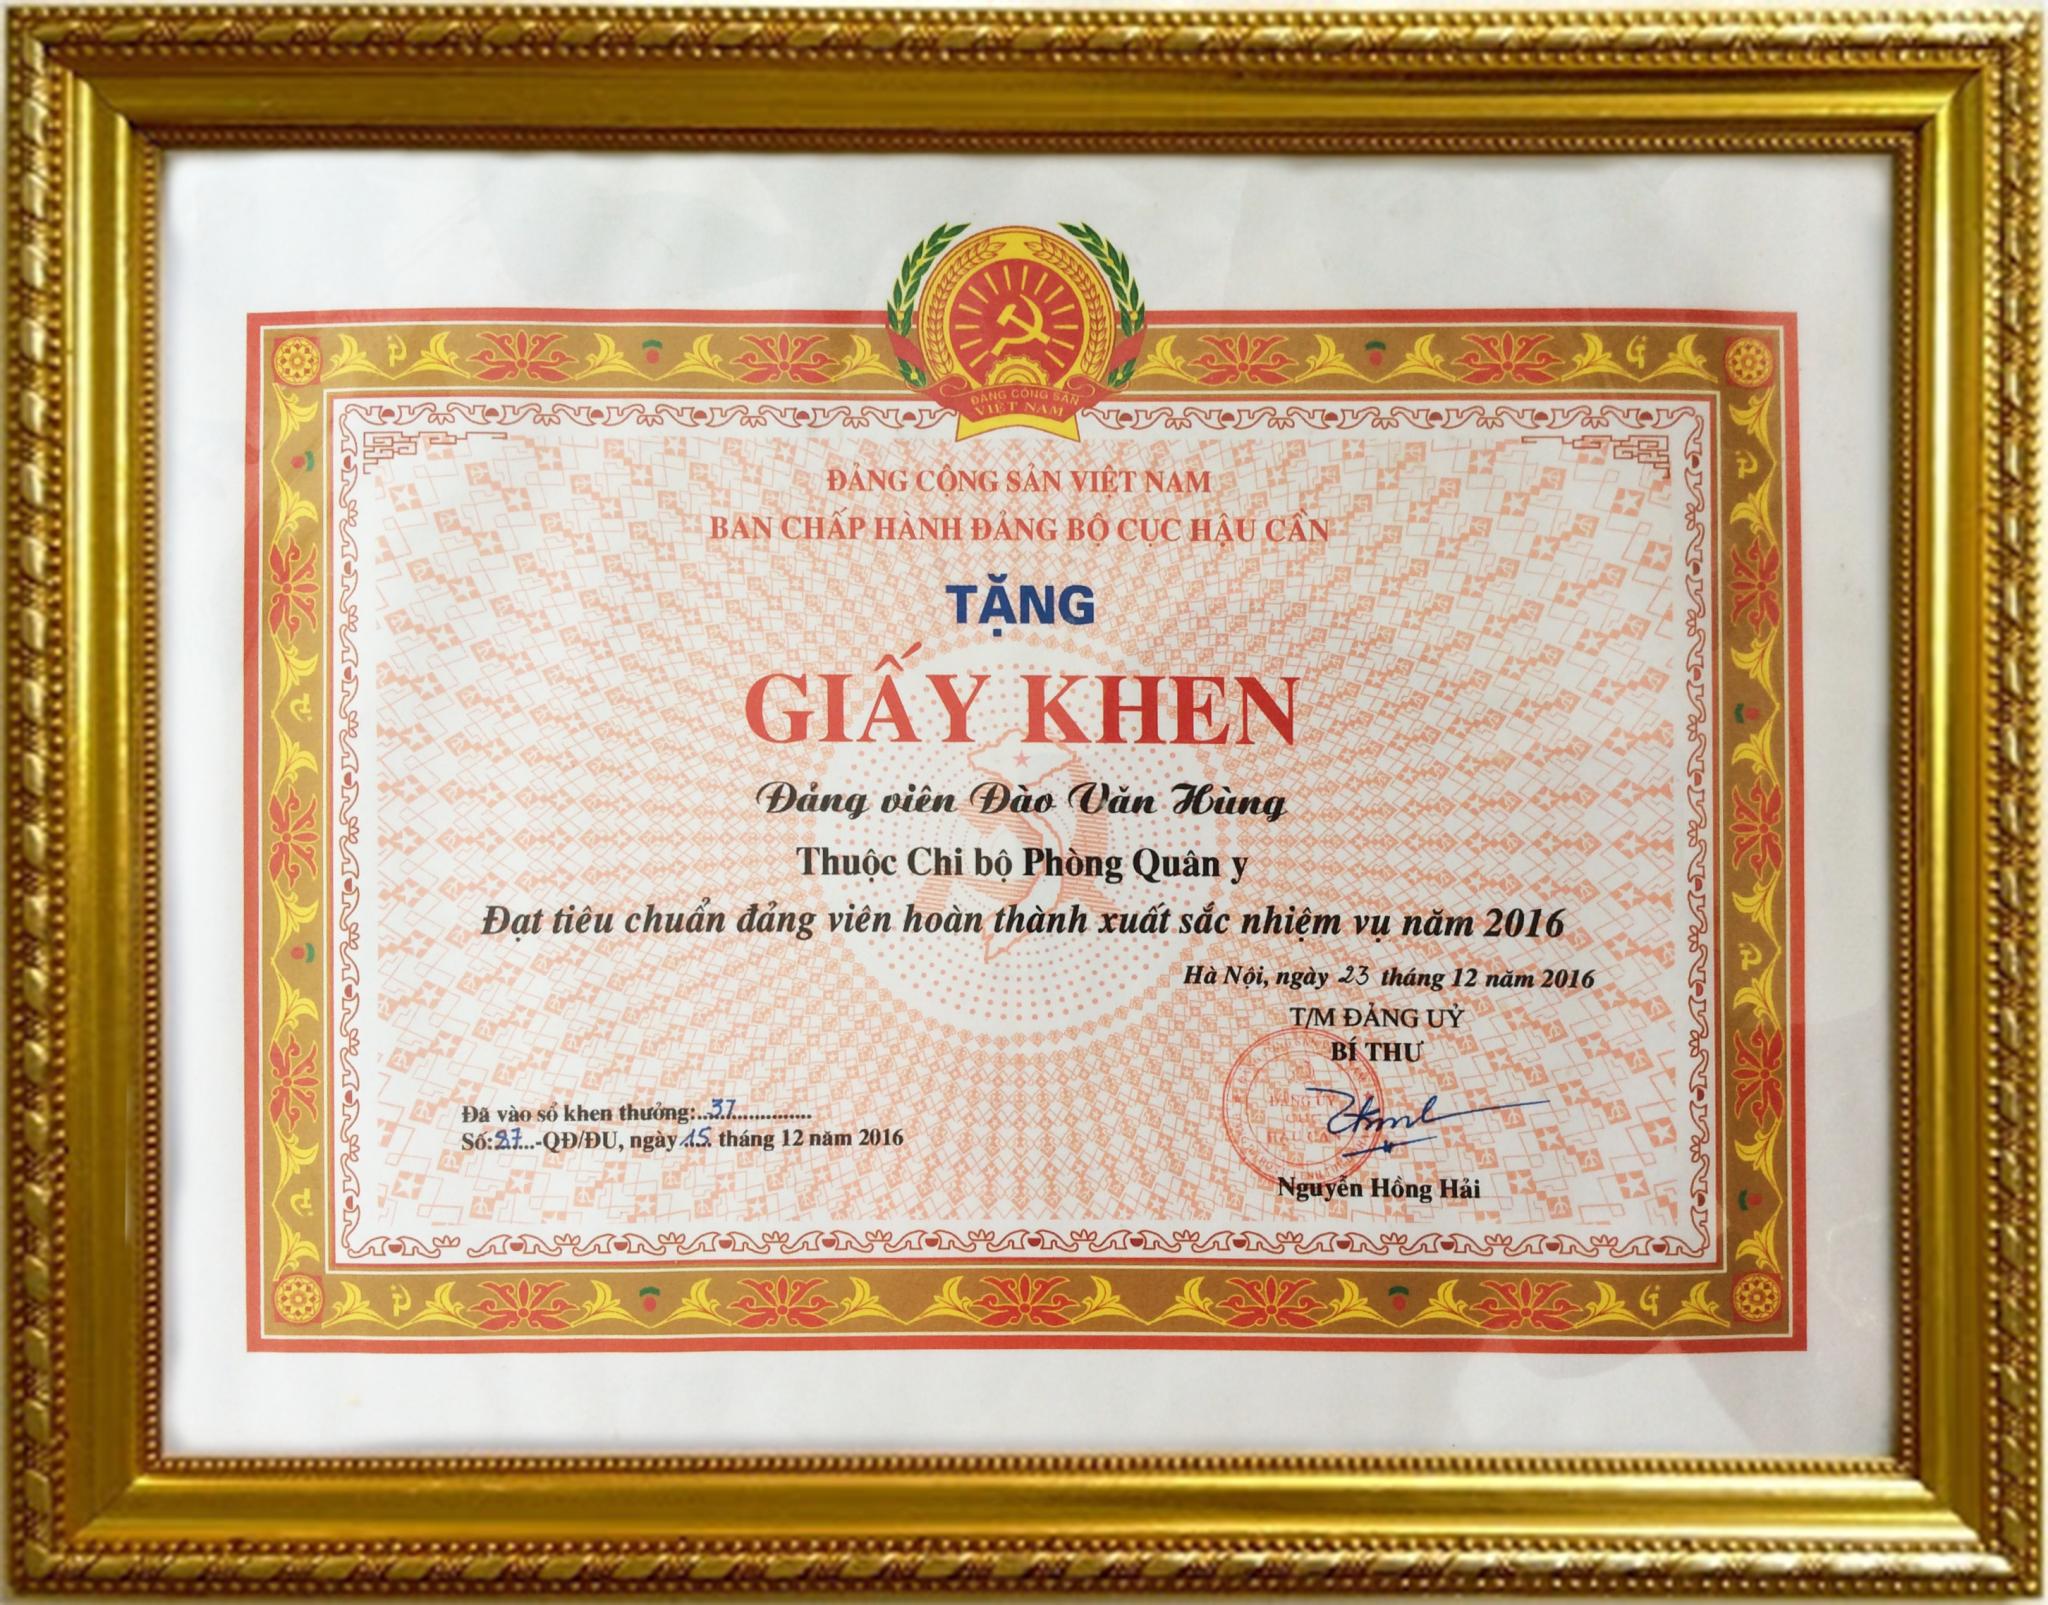 Bằng khen của ban chấp hành đảng bộ cục hậu cần năm 2016 tặng Bs Đào Văn Hùng